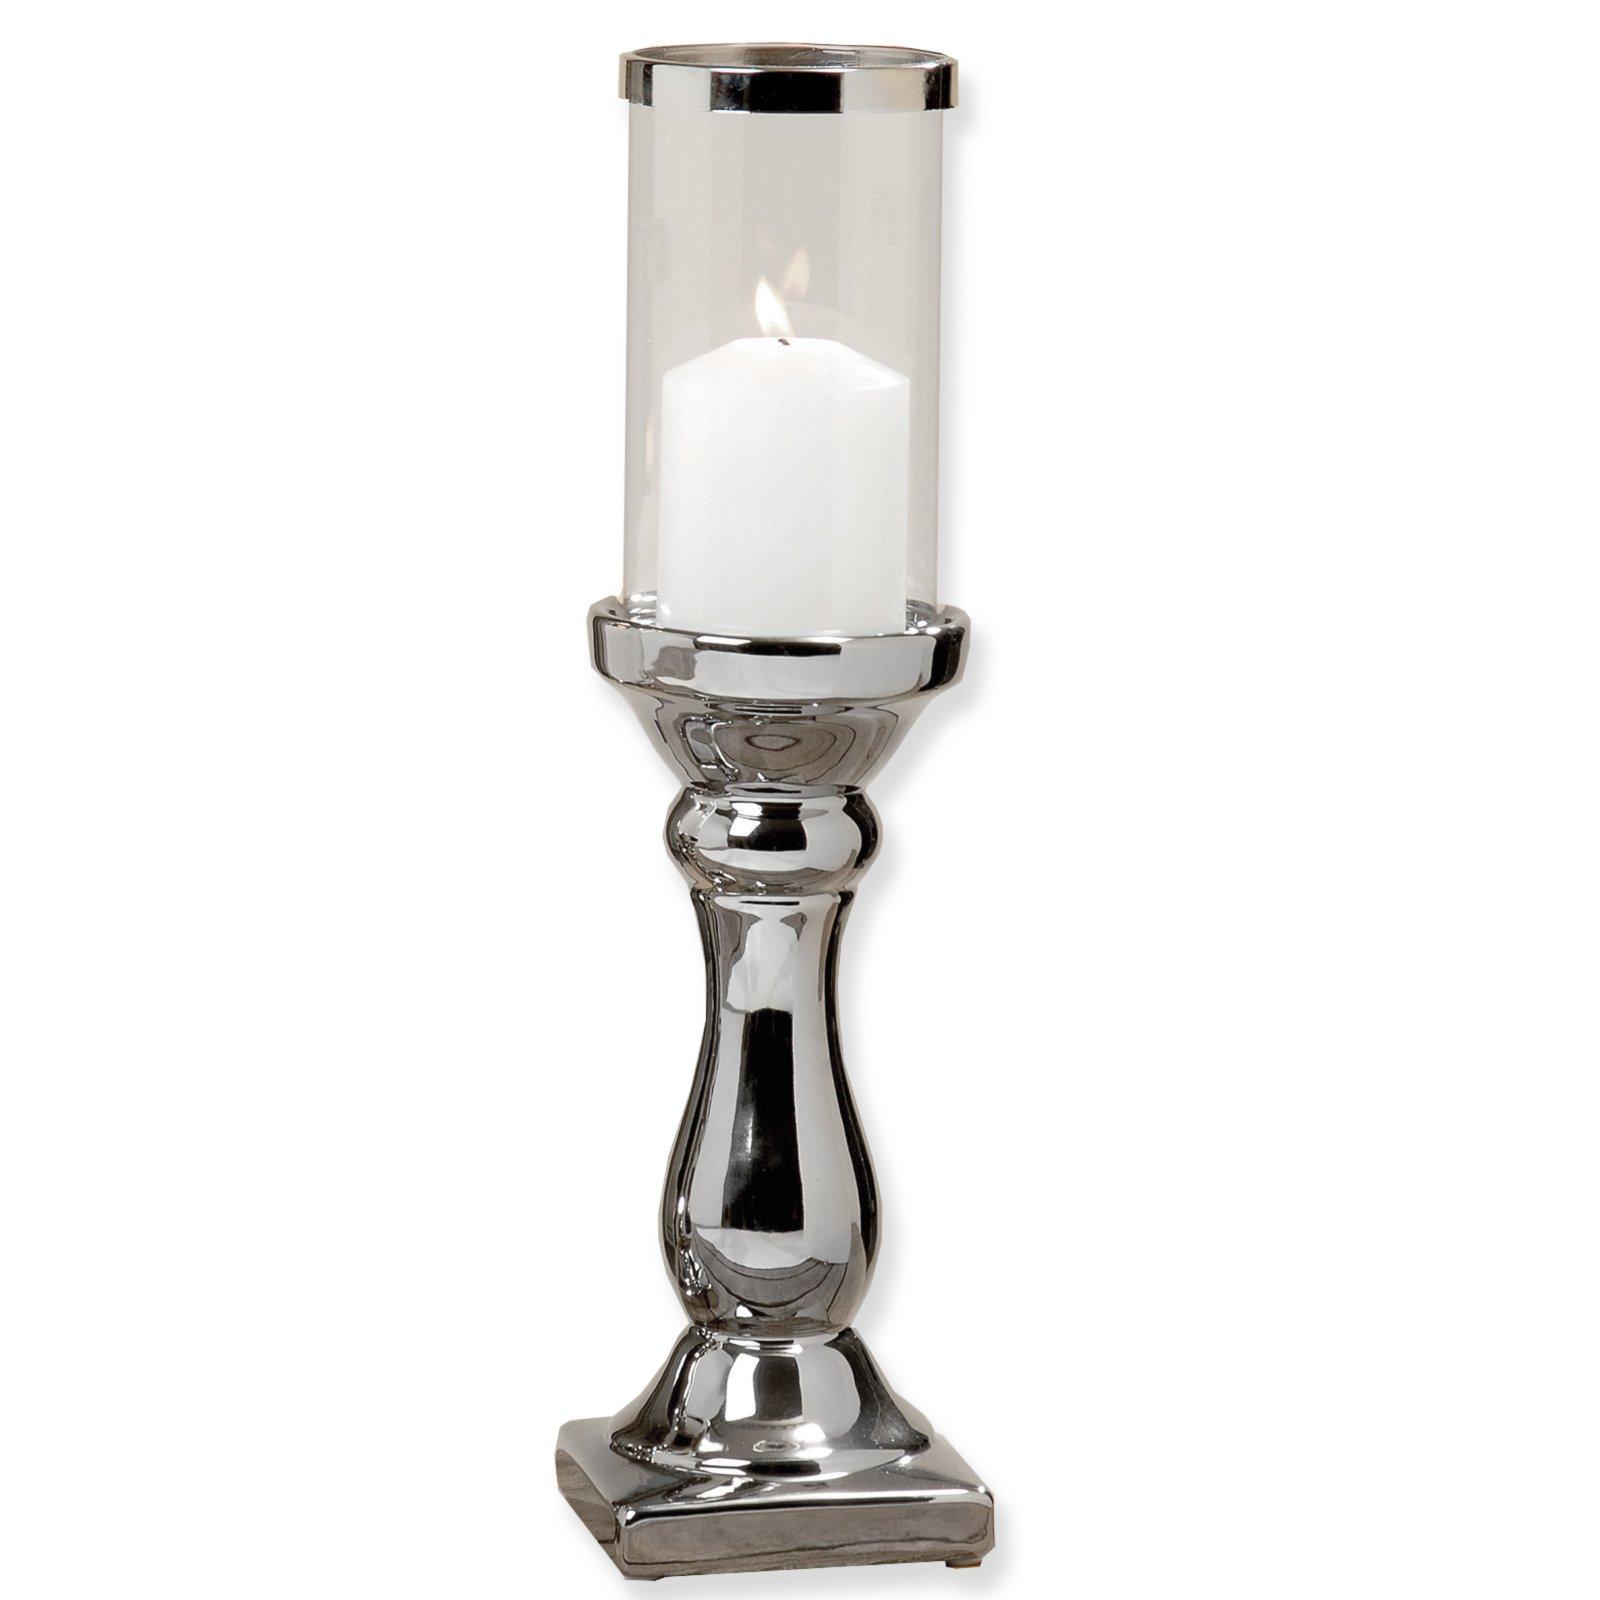 Kerzenst nder maseru silber 31 cm hoch kerzen for Deko silber wohnzimmer